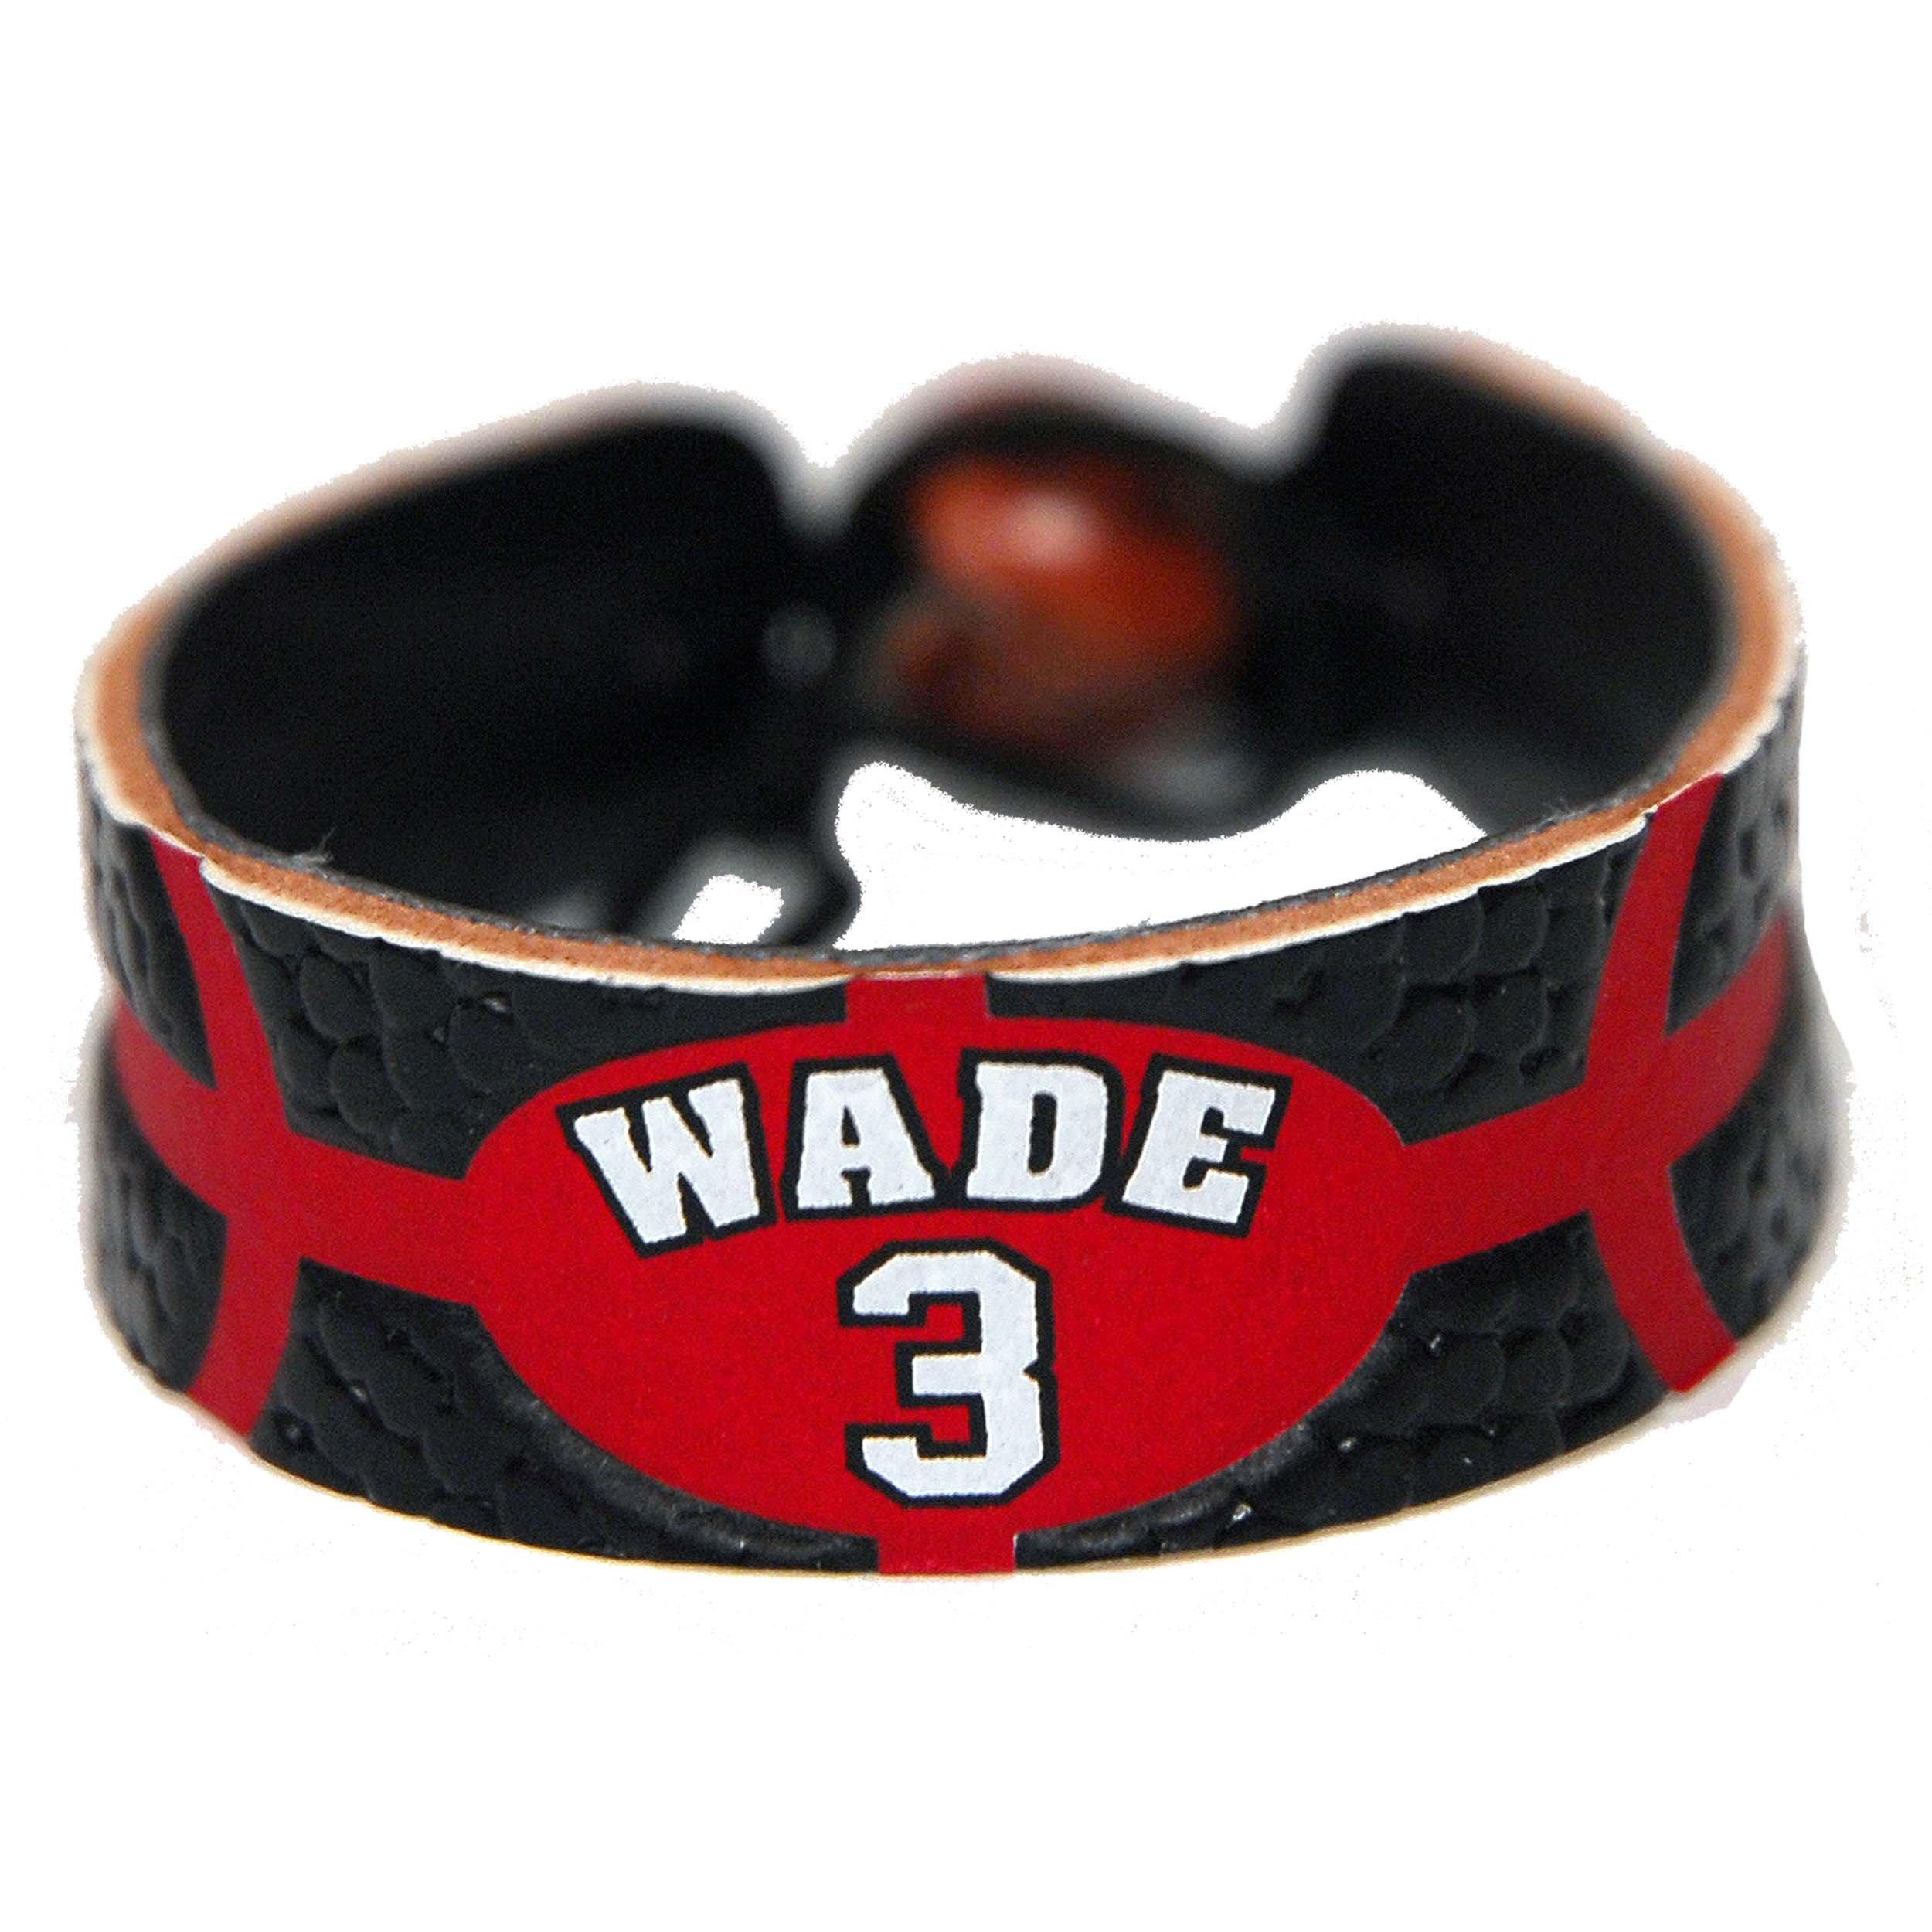 Dwayne Wade Team Color NBA Jersey Bracelet by GameWear